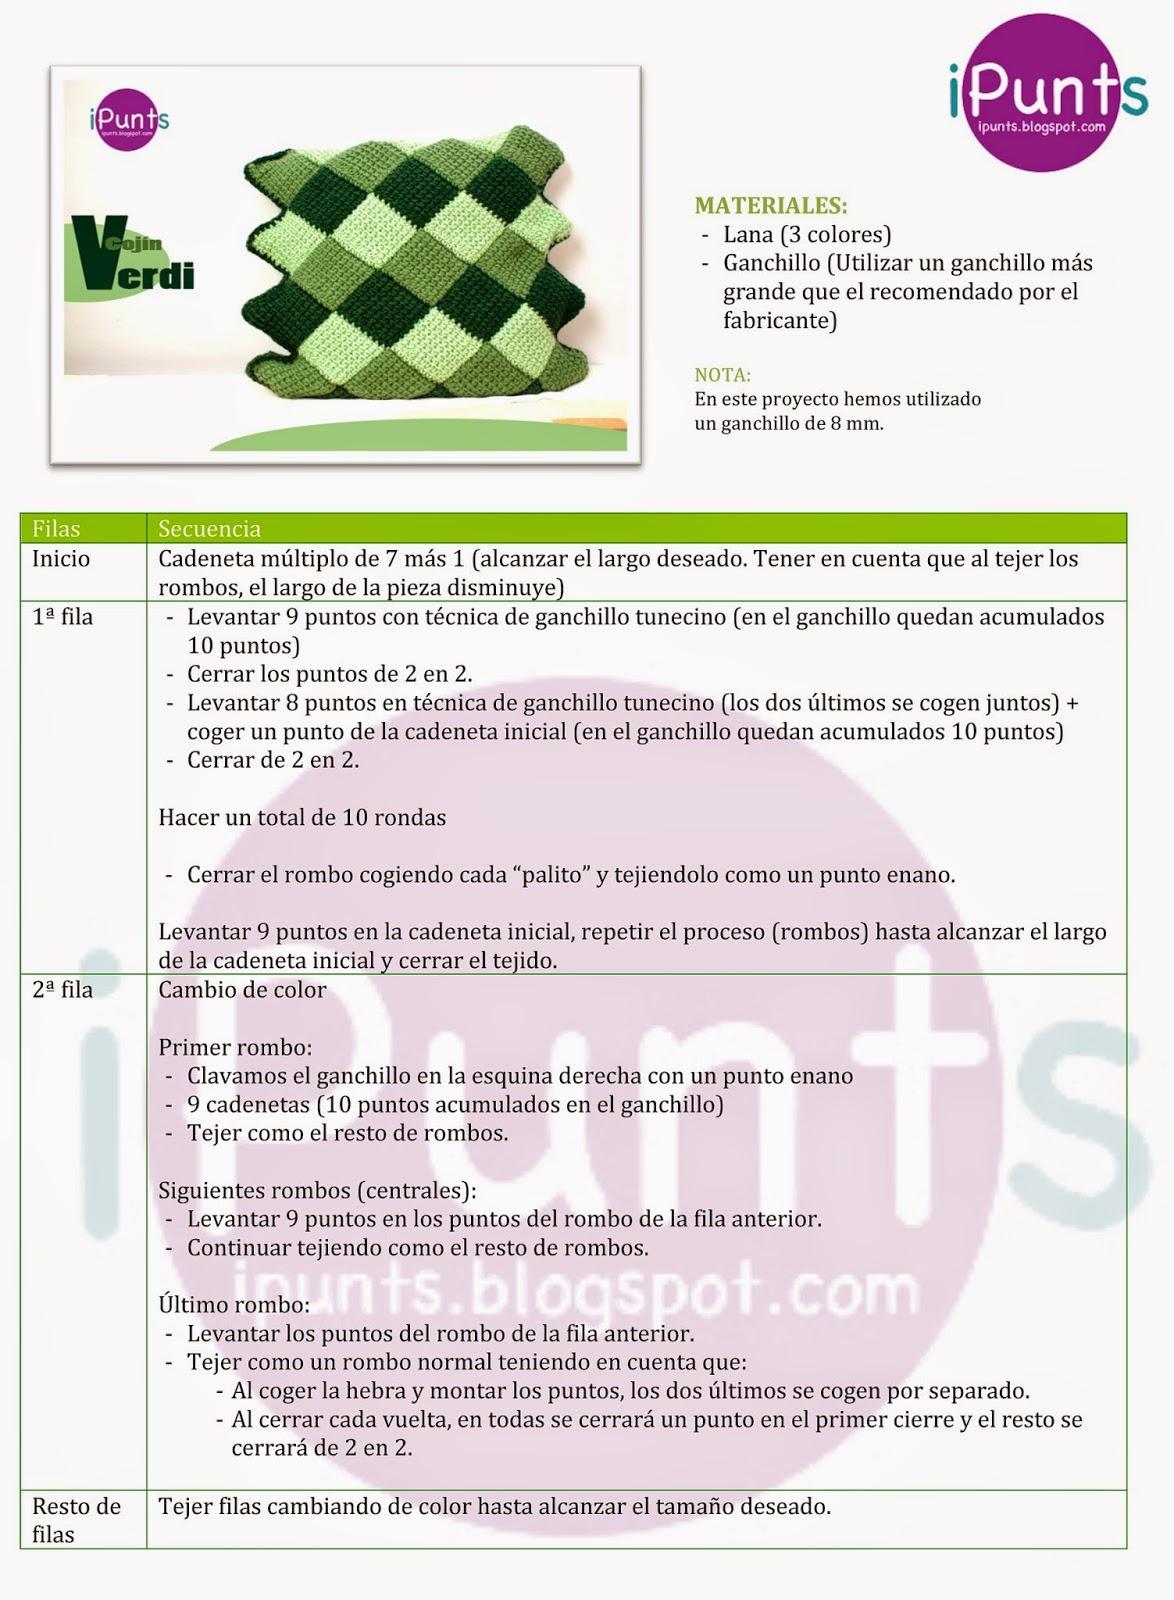 iPunts: Patrón y tutorial entrelac: Cojín Verdi